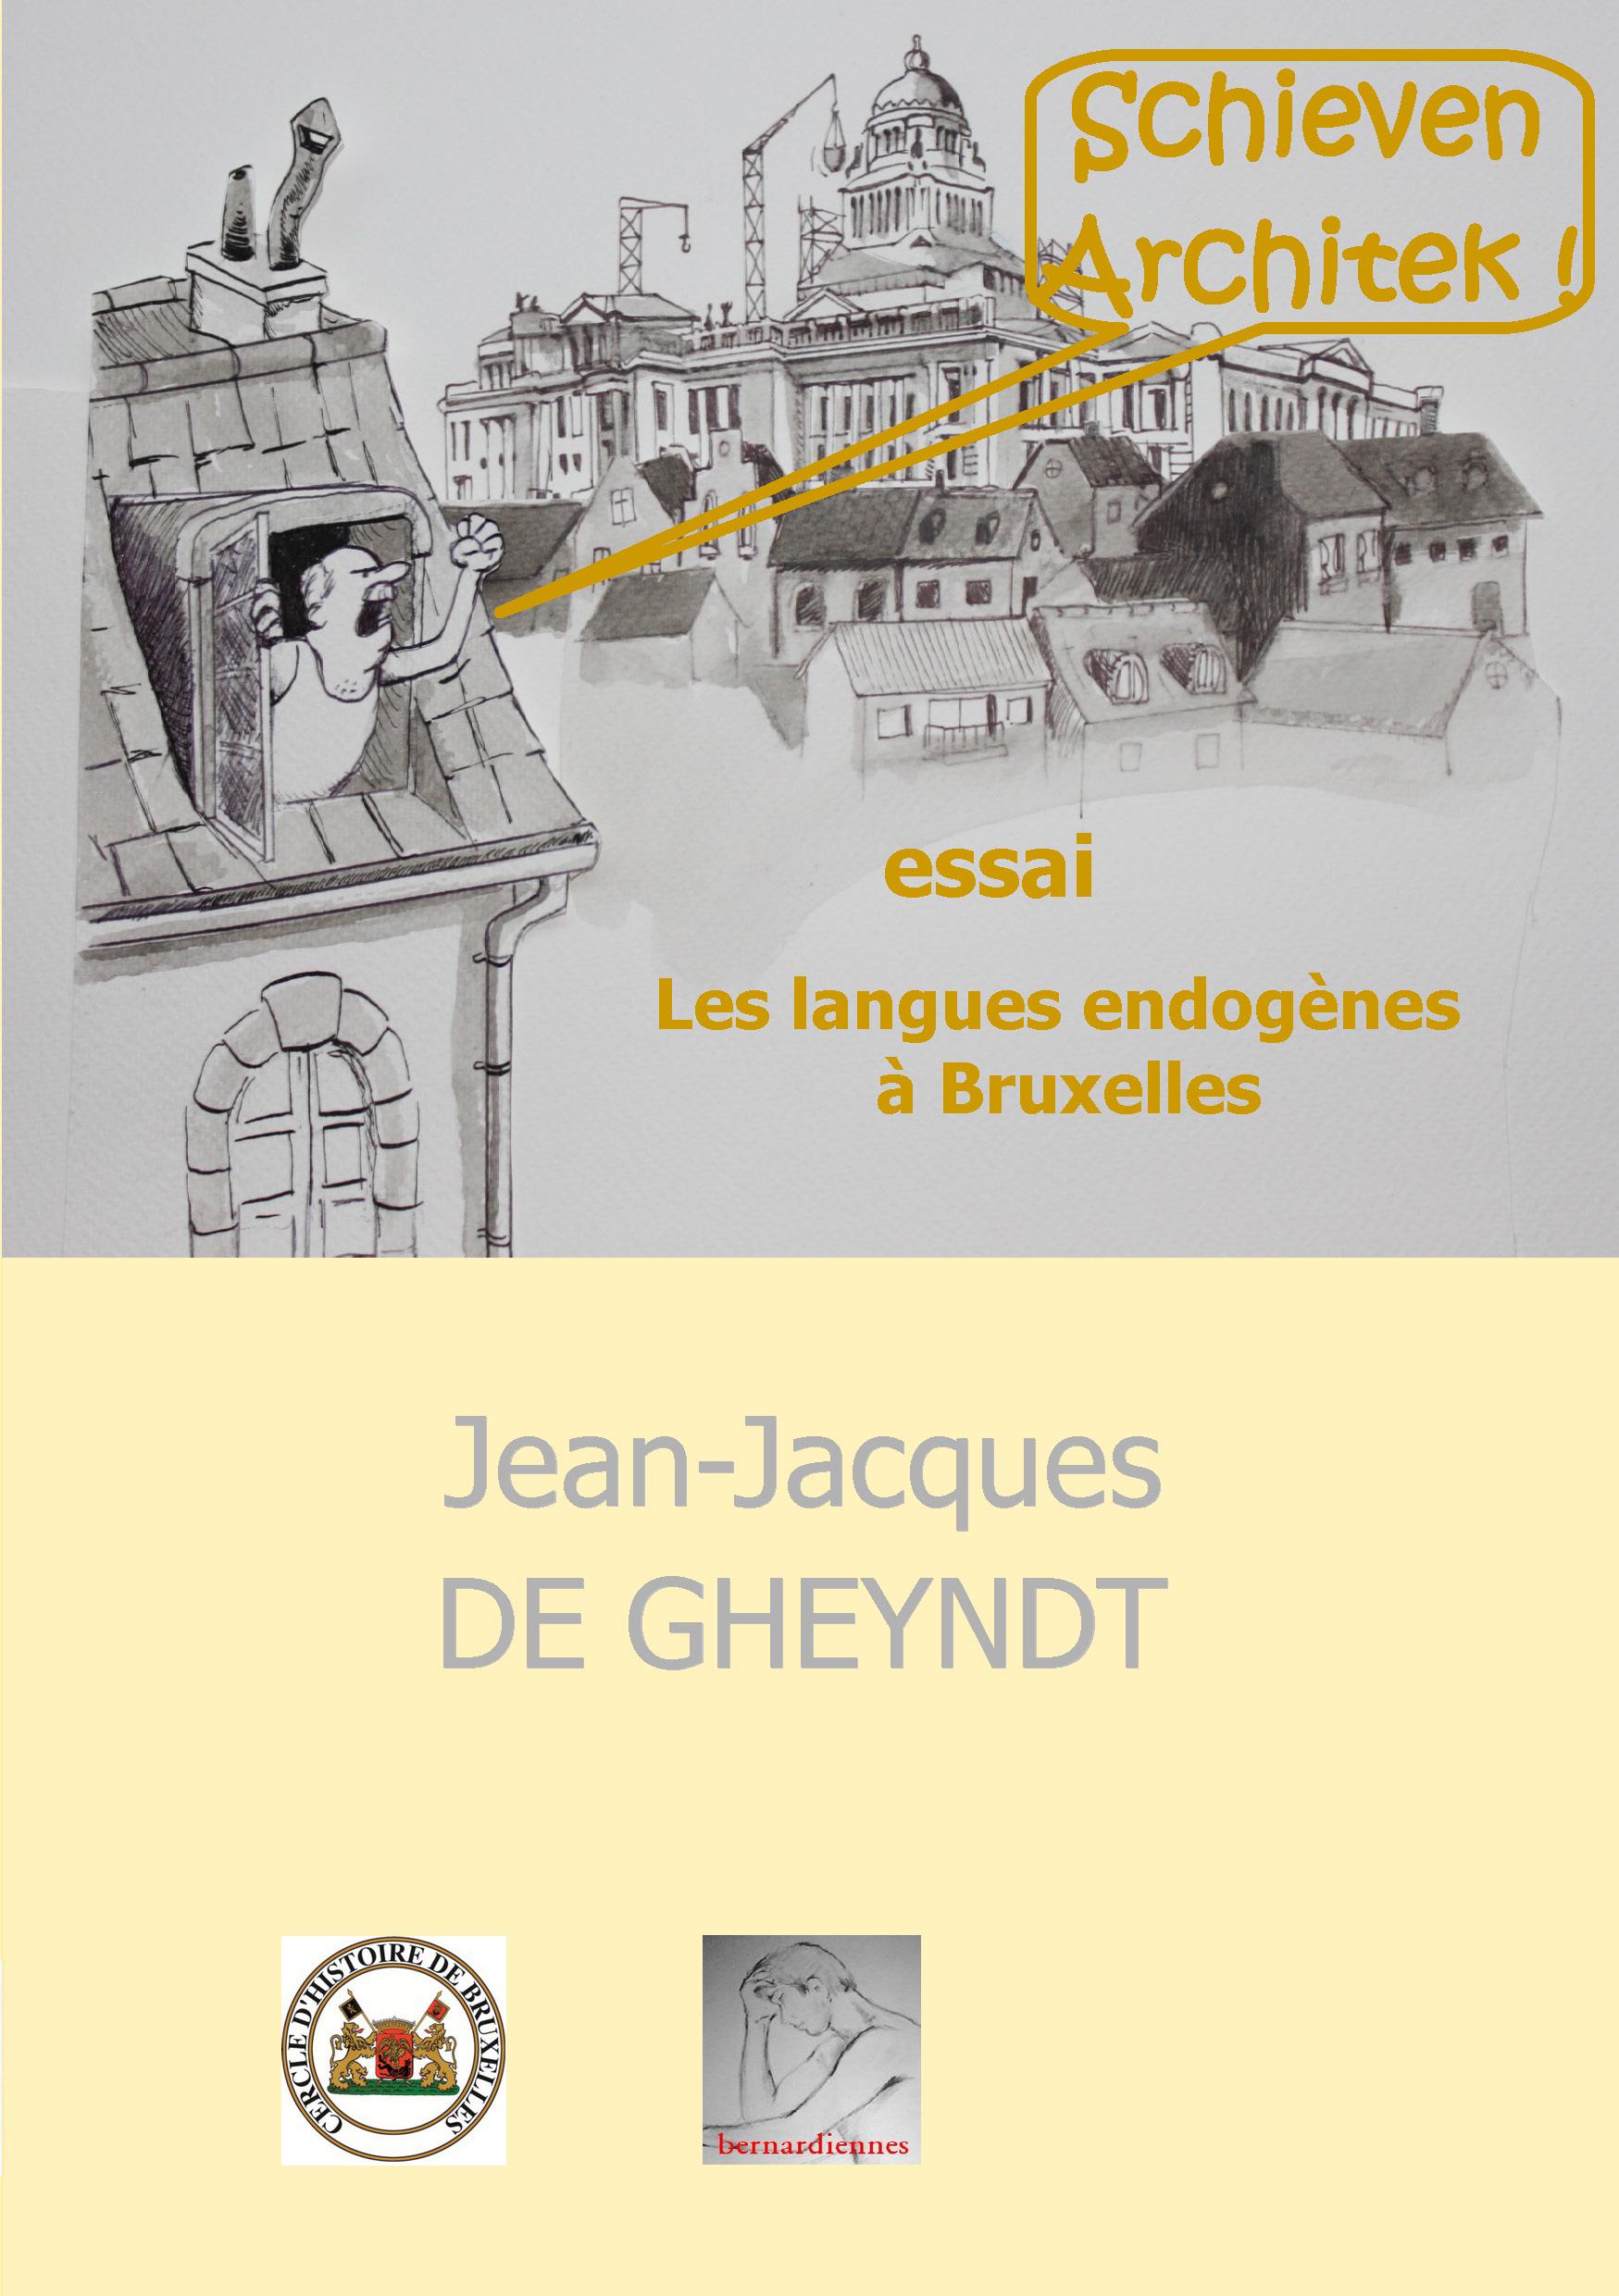 Schieven Architek, essai de J-J De Gheyndt